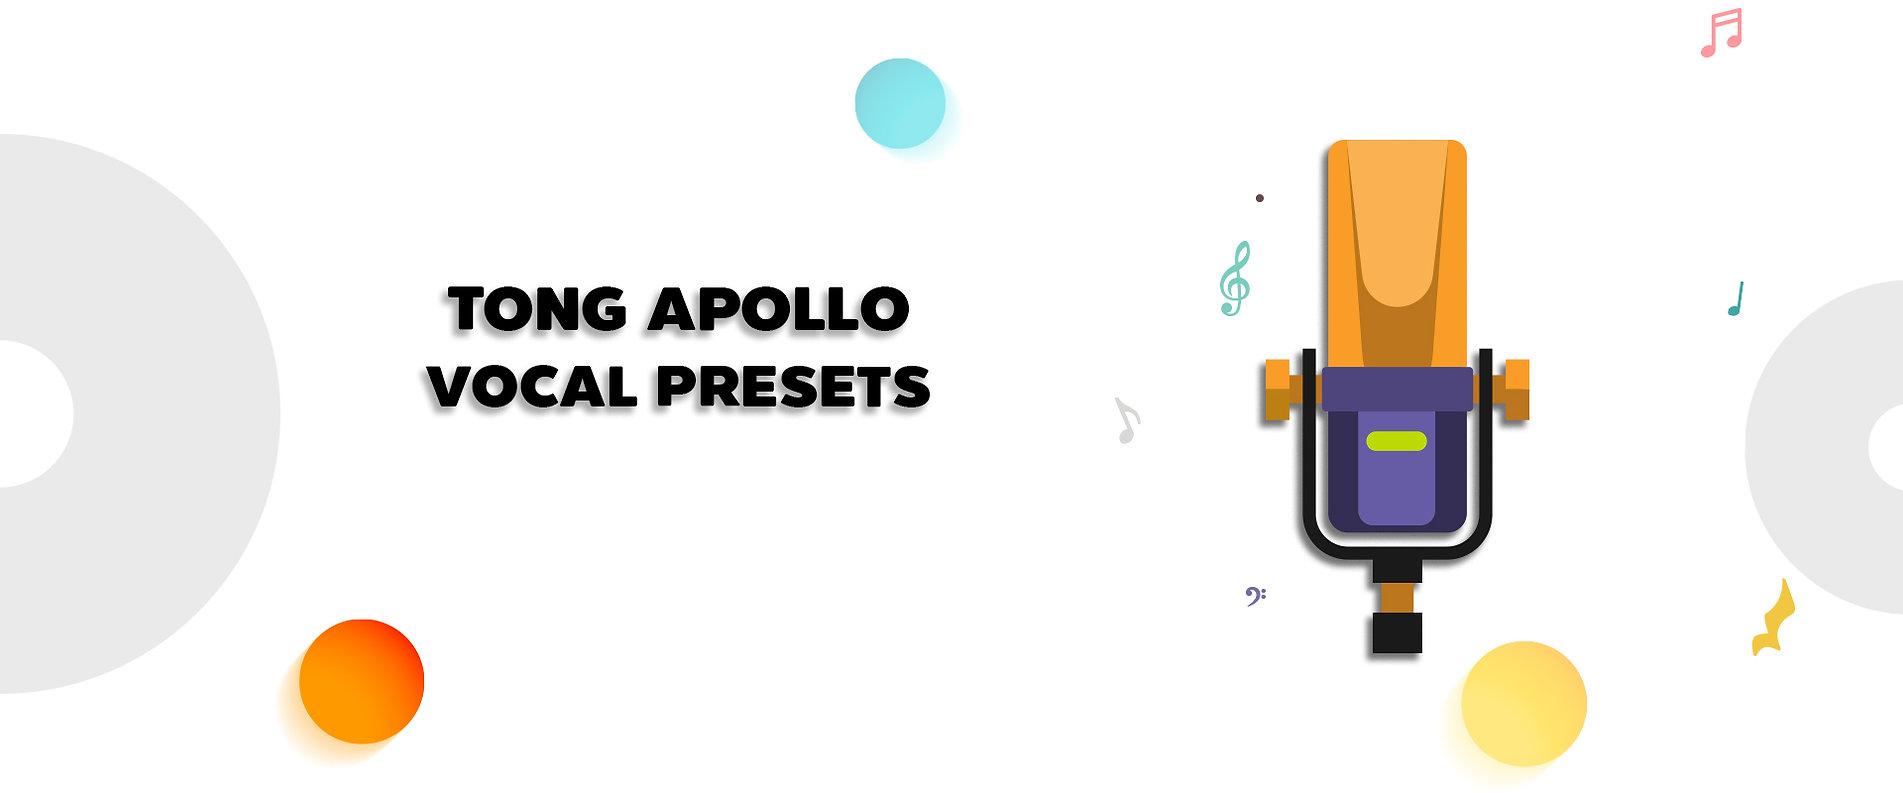 Tong Apollo Vocal Presets Shop.jpg